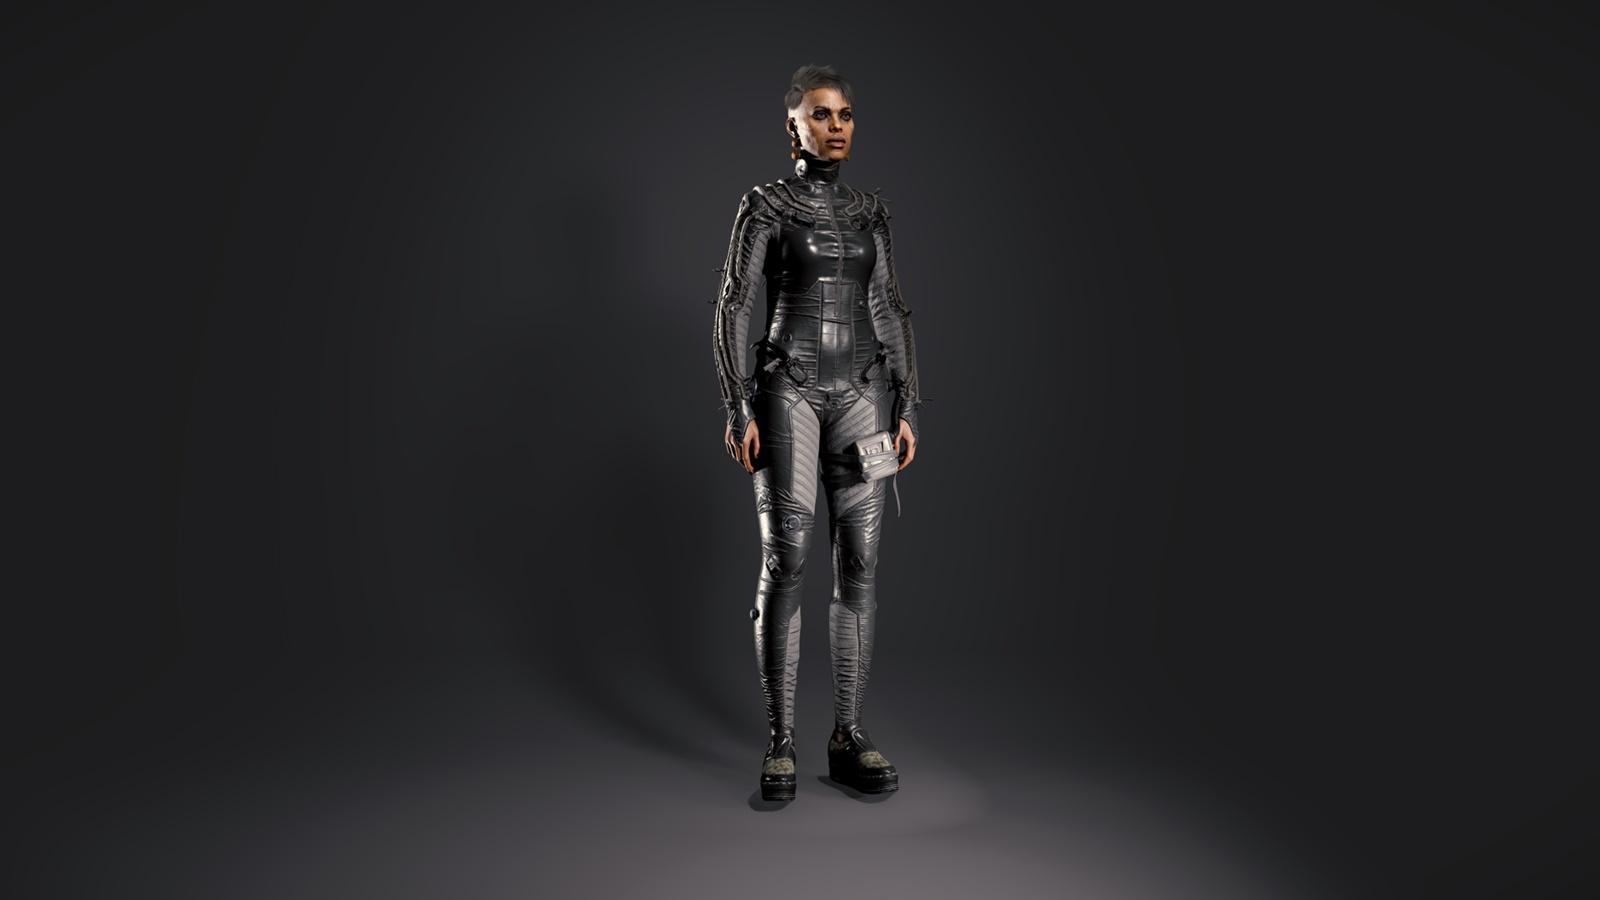 Cyberpunk 2077 divulga imagens de altas qualidades de seus personagens